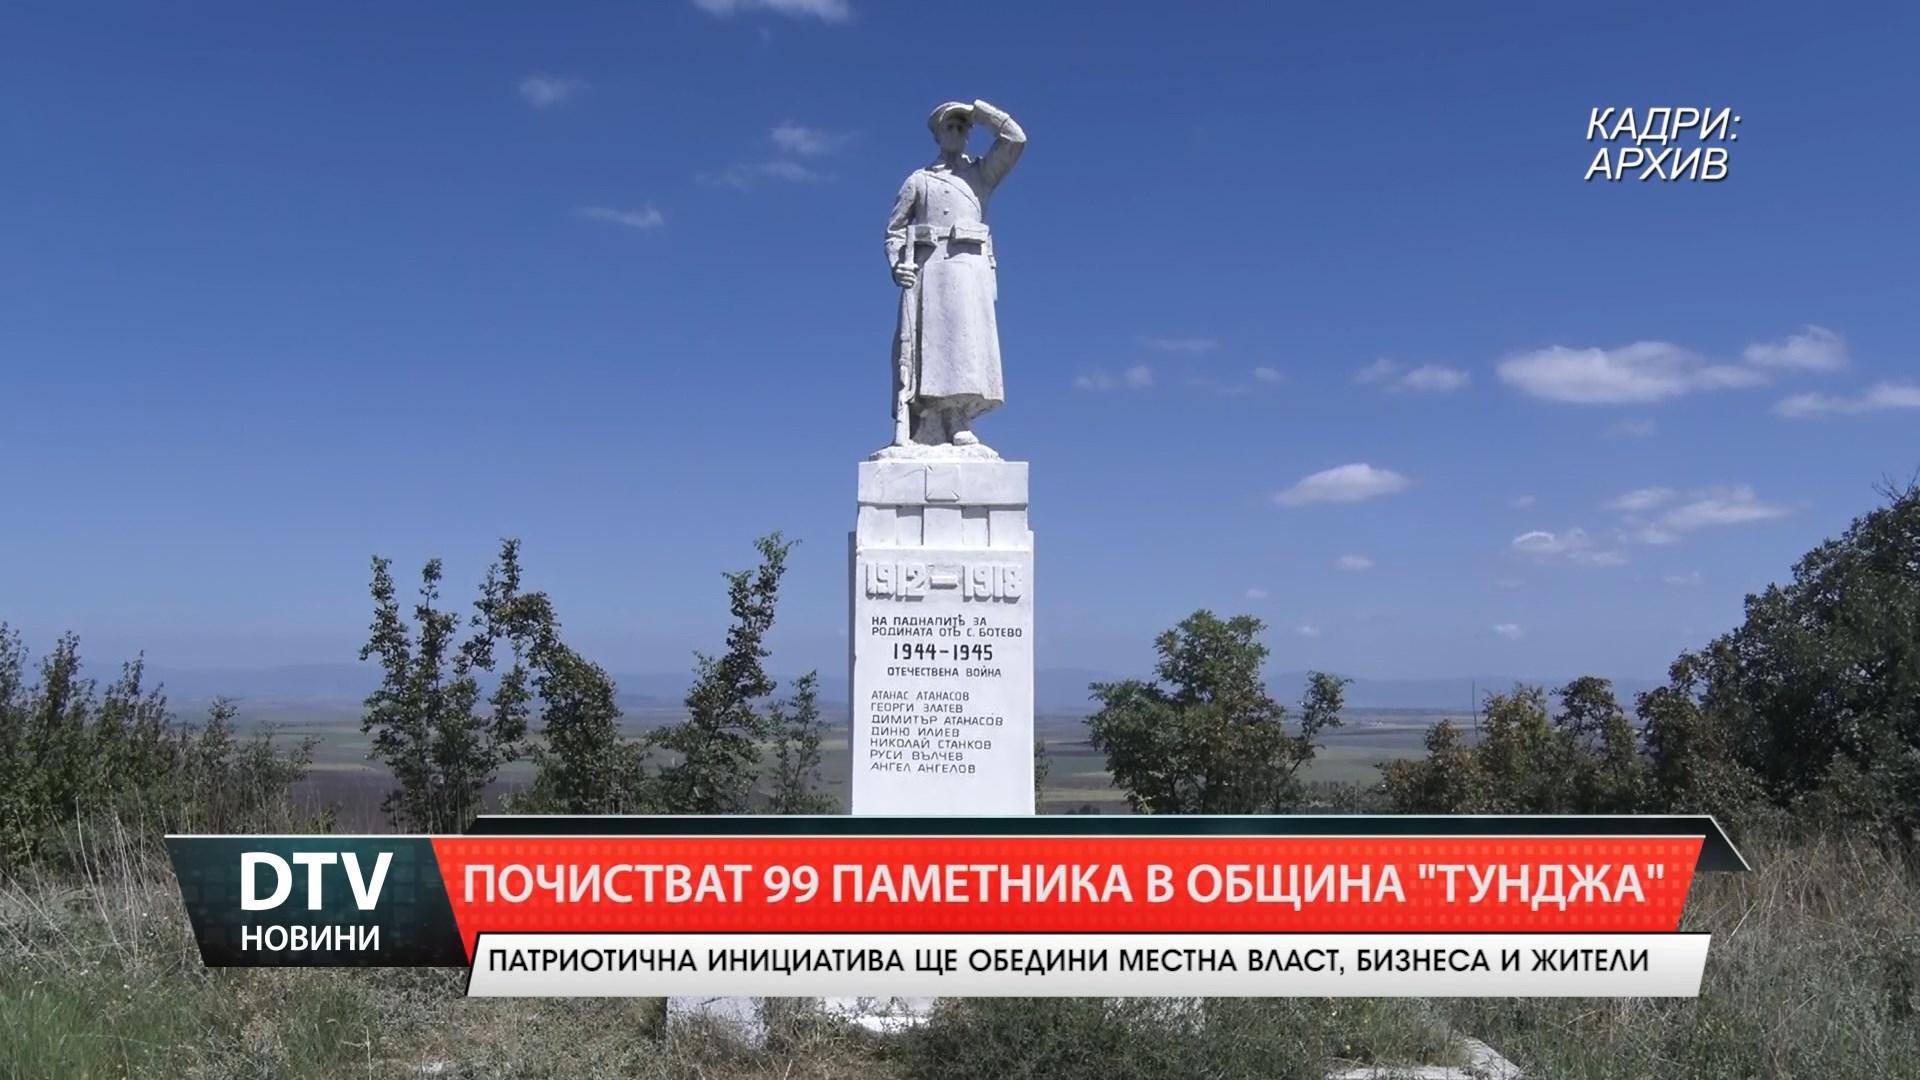 Почистват 99 паметника в община Тунджа